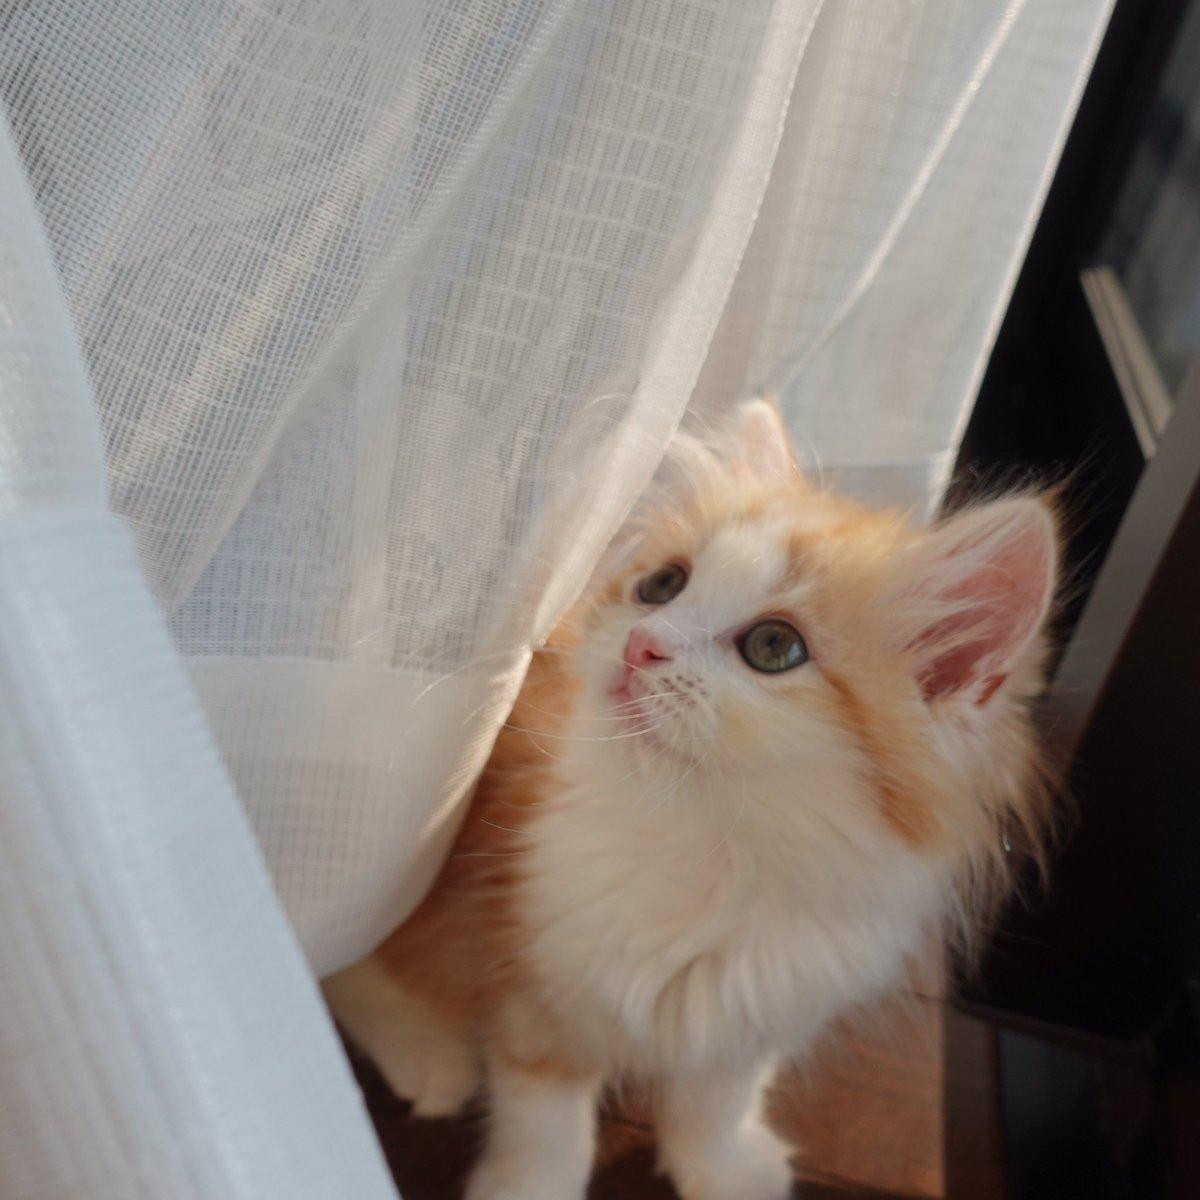 何か考えごとしてるのかな?  #猫 #子猫 #マンチカン #ねこ #ねこ部  #猫写真 #ねこと暮らす #もふもふ #レッドタビー #長毛 #ねこのいる生活 #ねこのきもち #kitty #munchkin #cats #cat #catoftheday #redtabby #meow #午後ねこチャンネル https://t.co/yMZfJ1gUEH